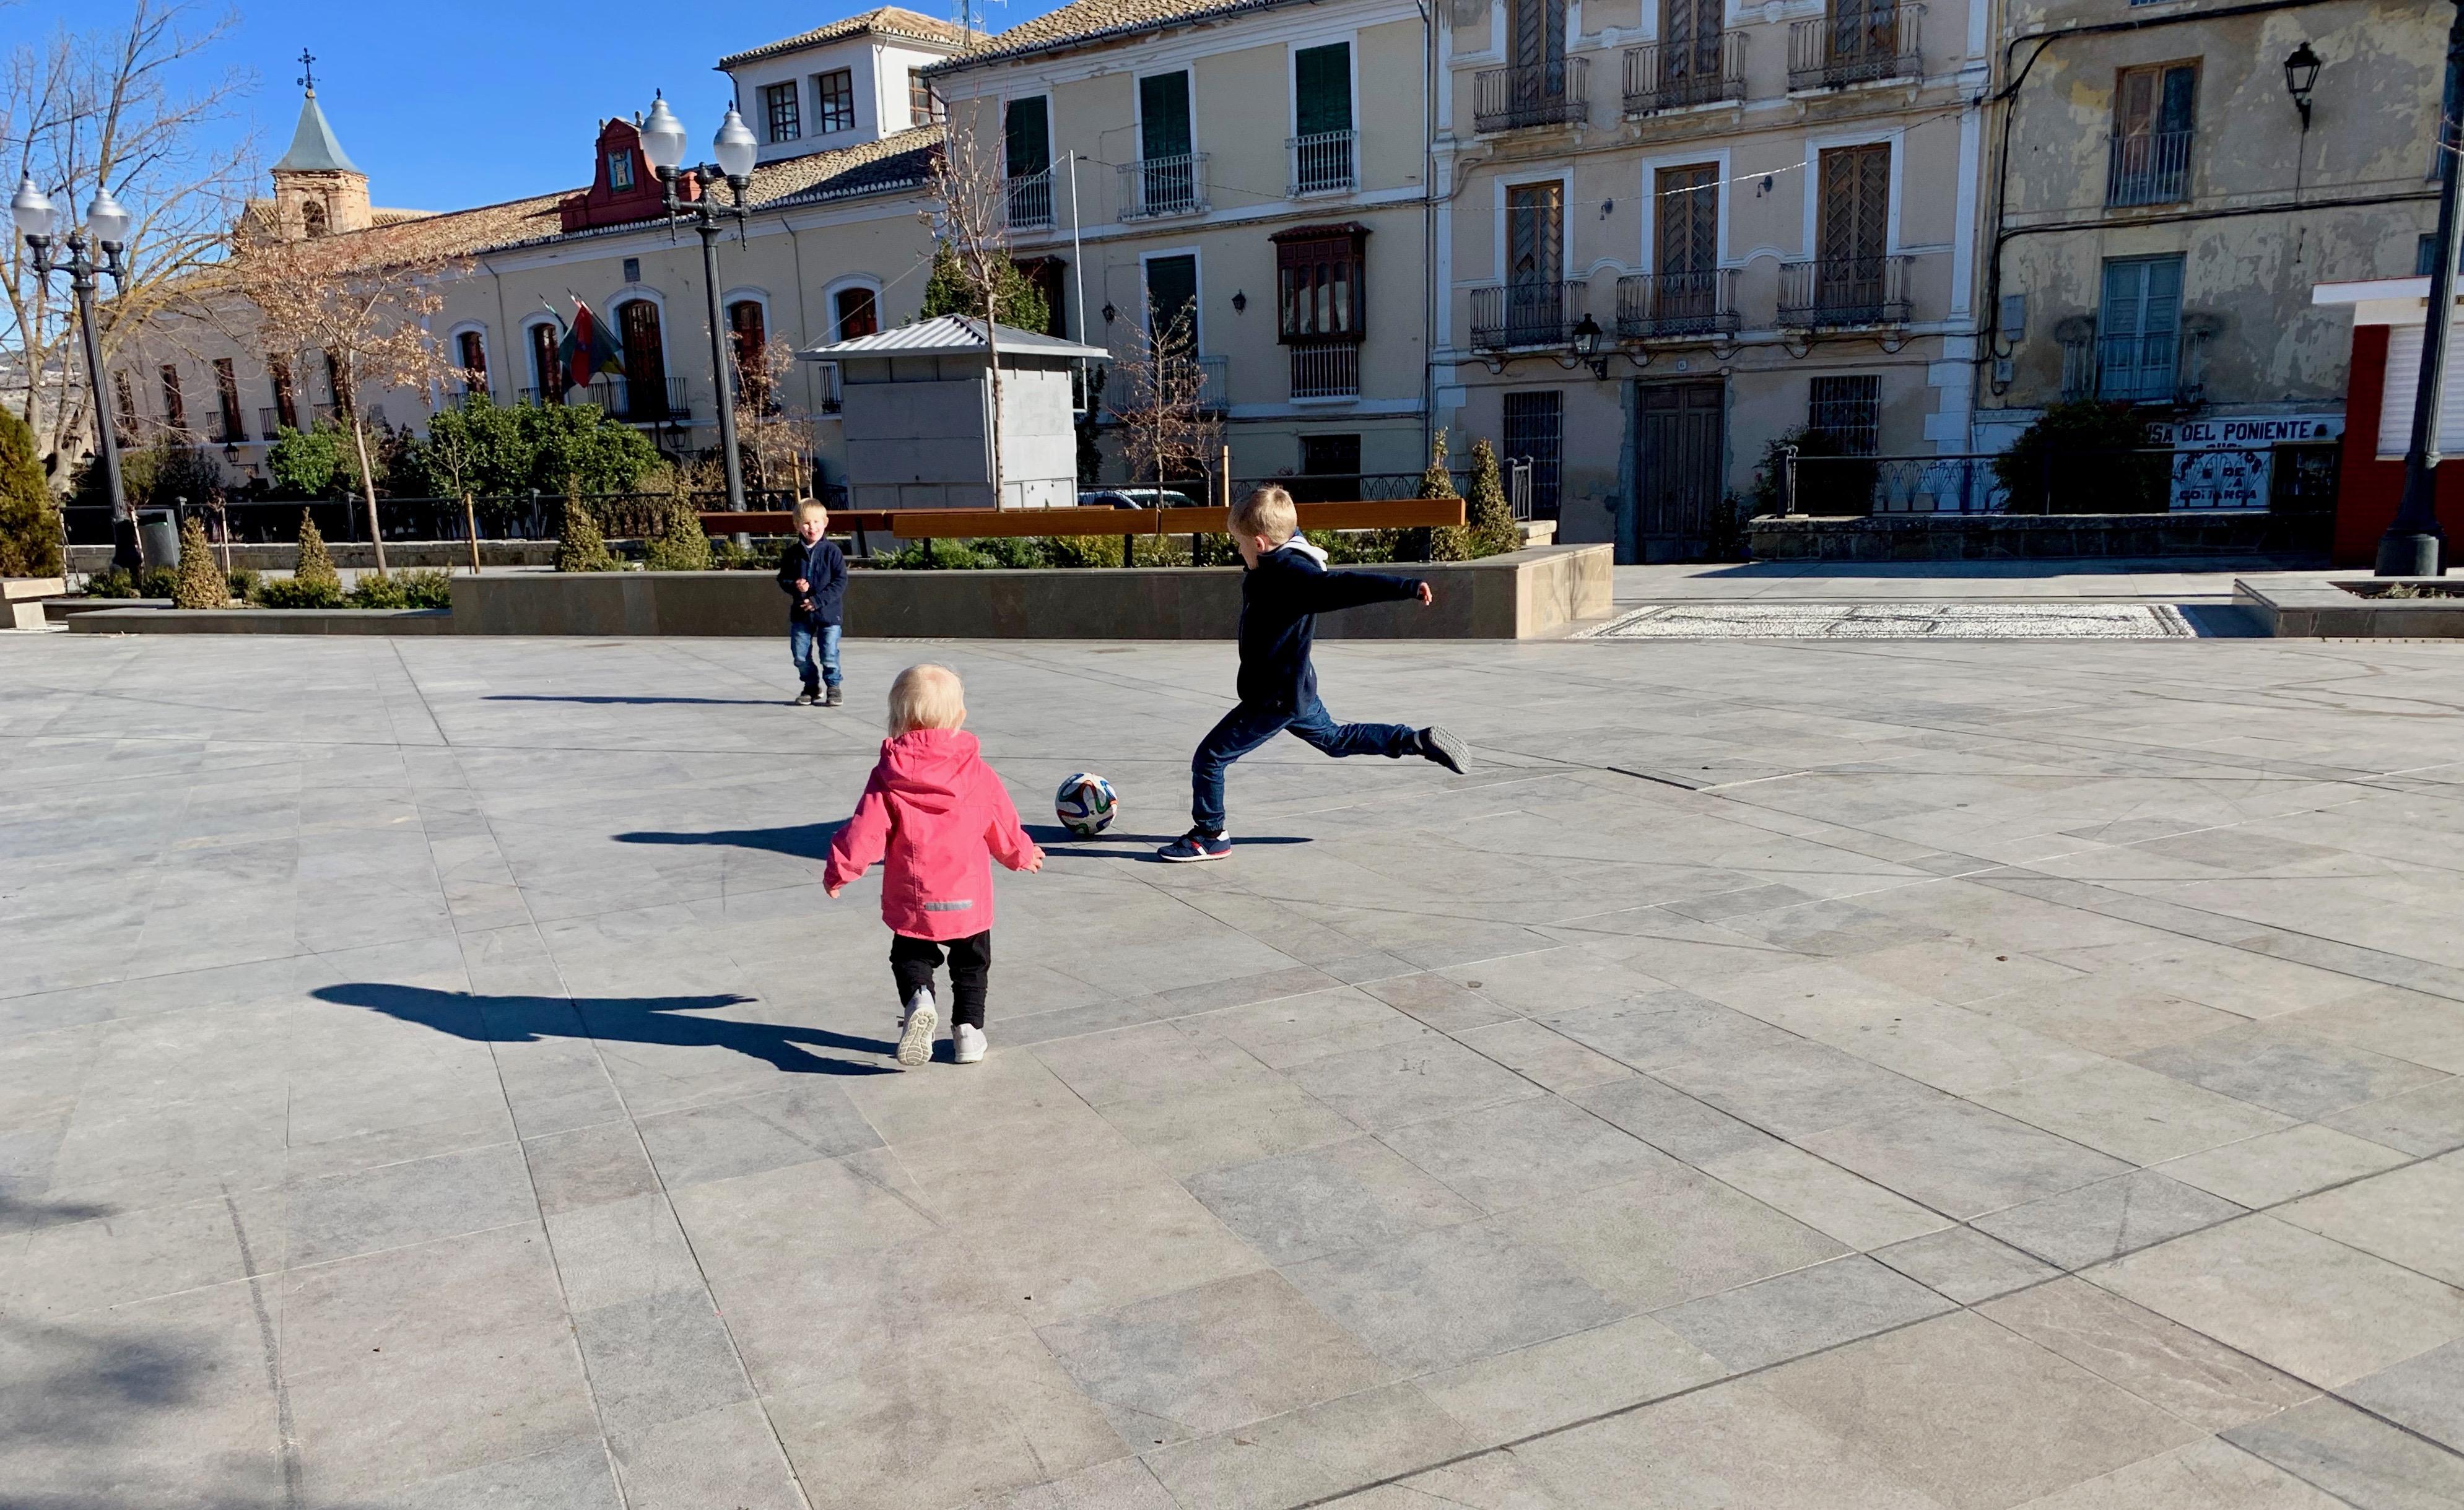 Alhama de Granada main square